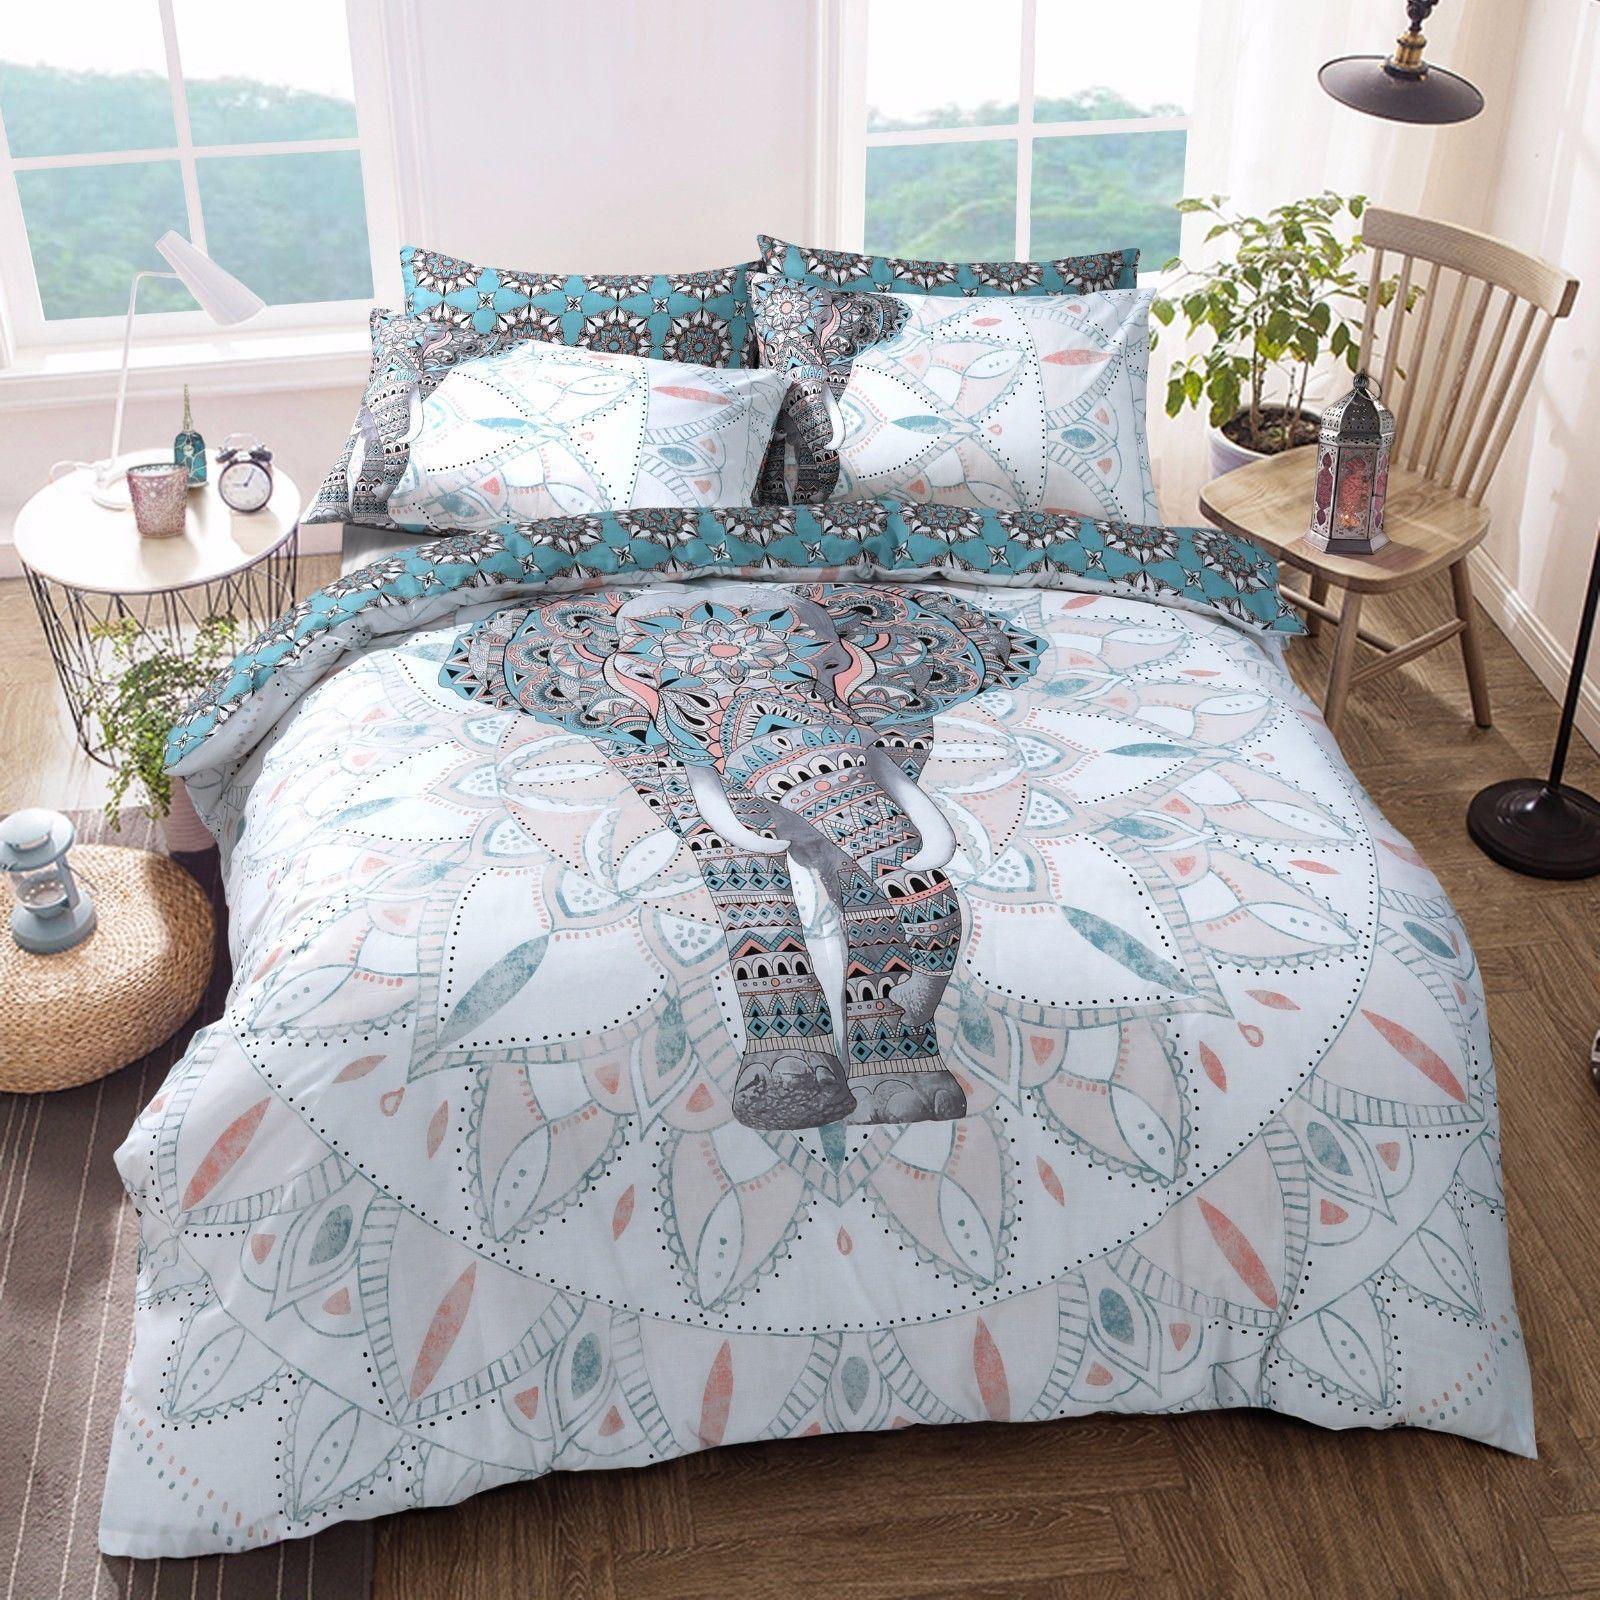 Animal Design Duvet Set Quilt Cover Pillowcase Bedding